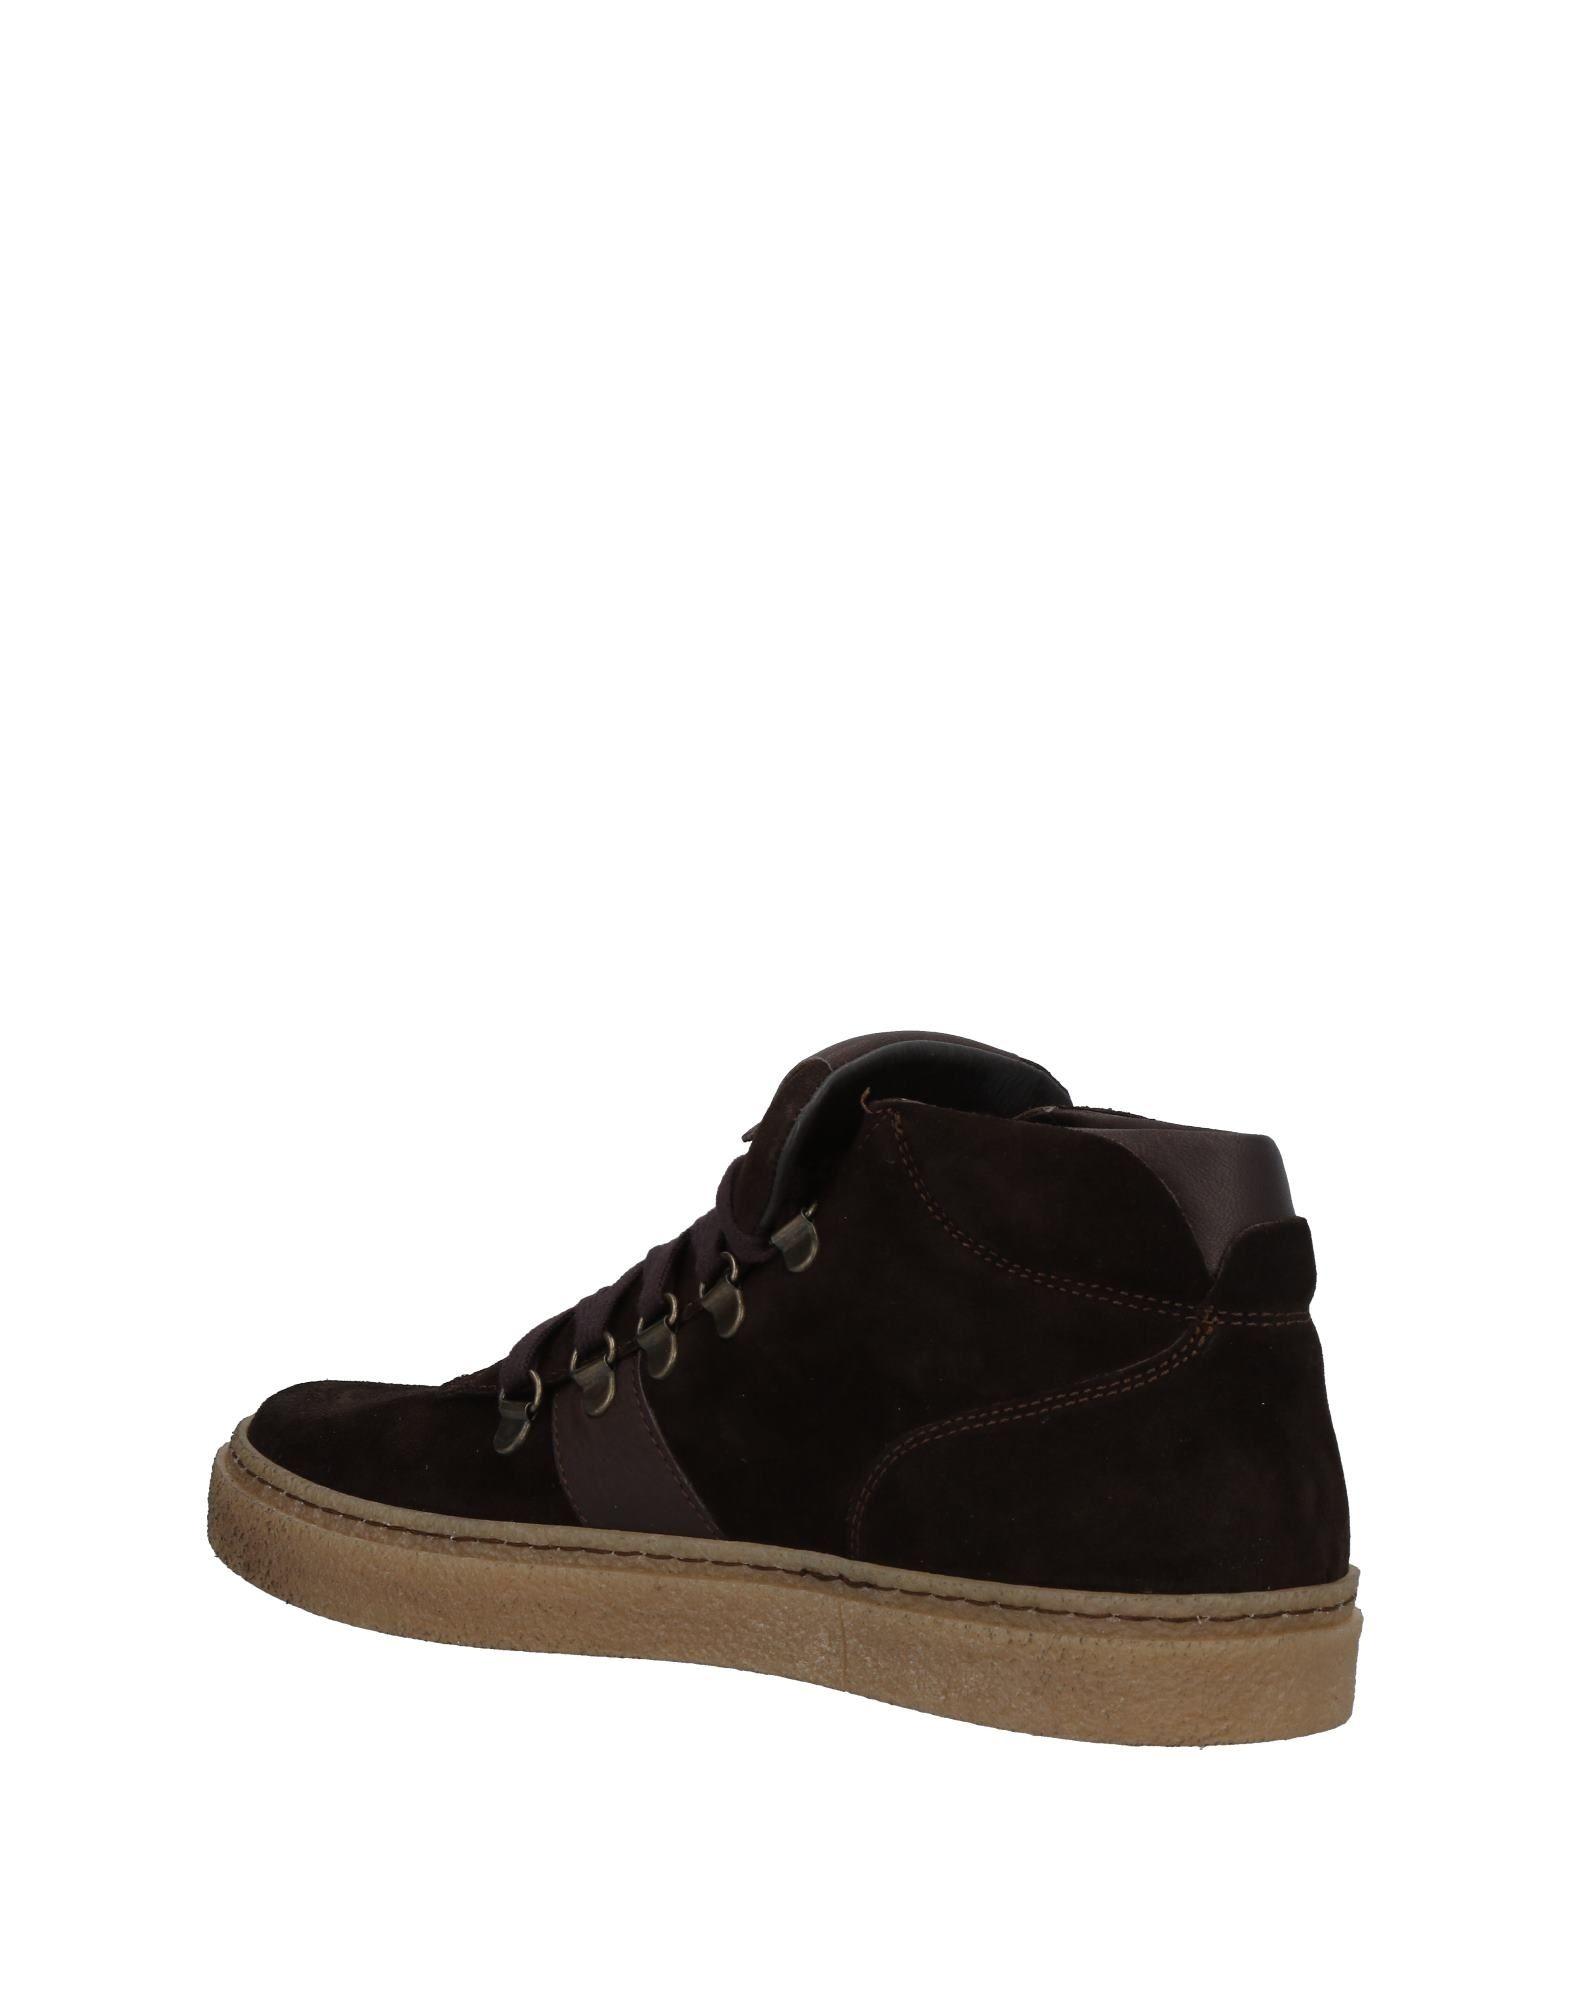 Rabatt echte Schuhe Herren Cafènoir Sneakers Herren Schuhe  11478455NC 016d7e